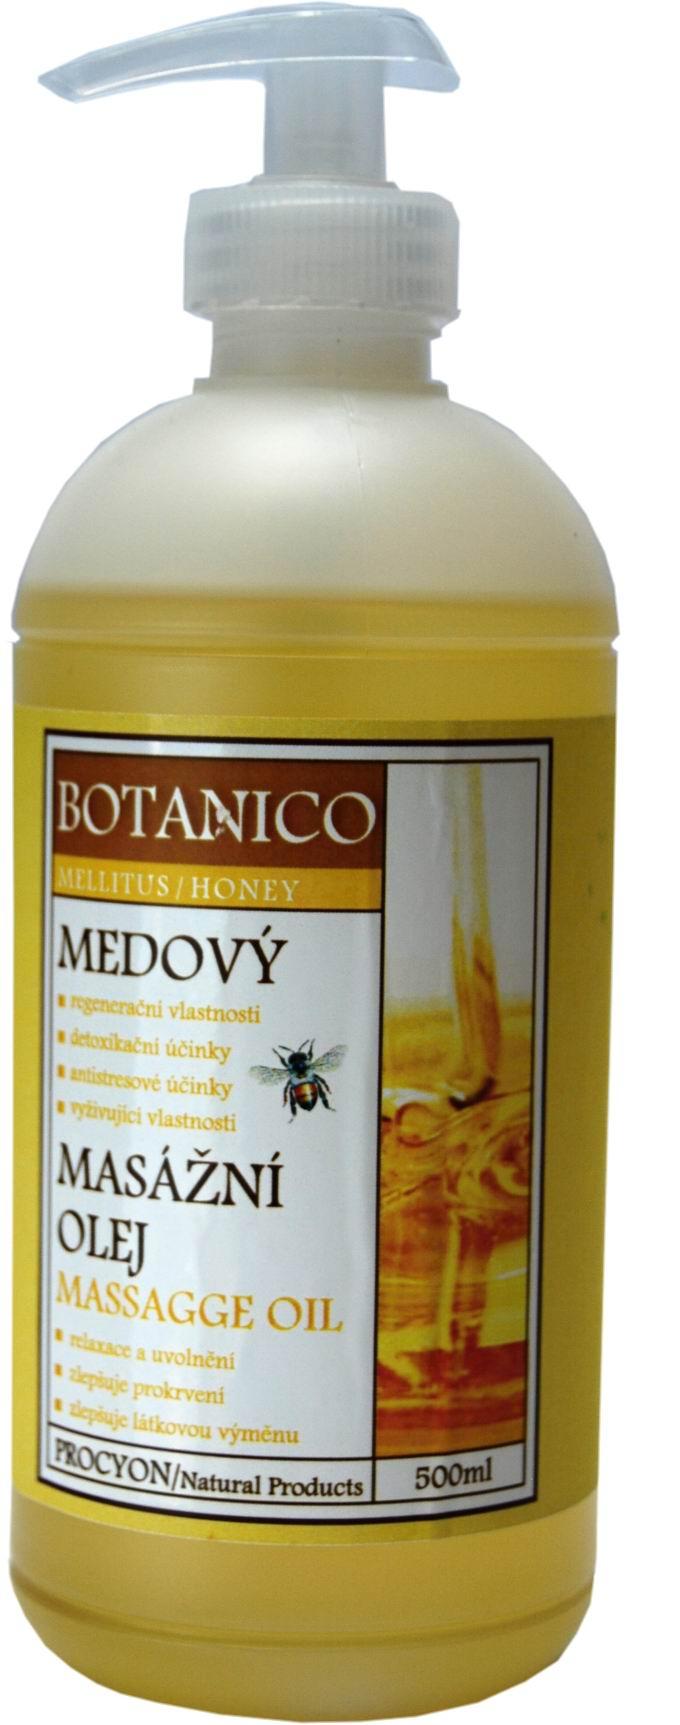 Botanico - Masážní olej - Medový - 500ml